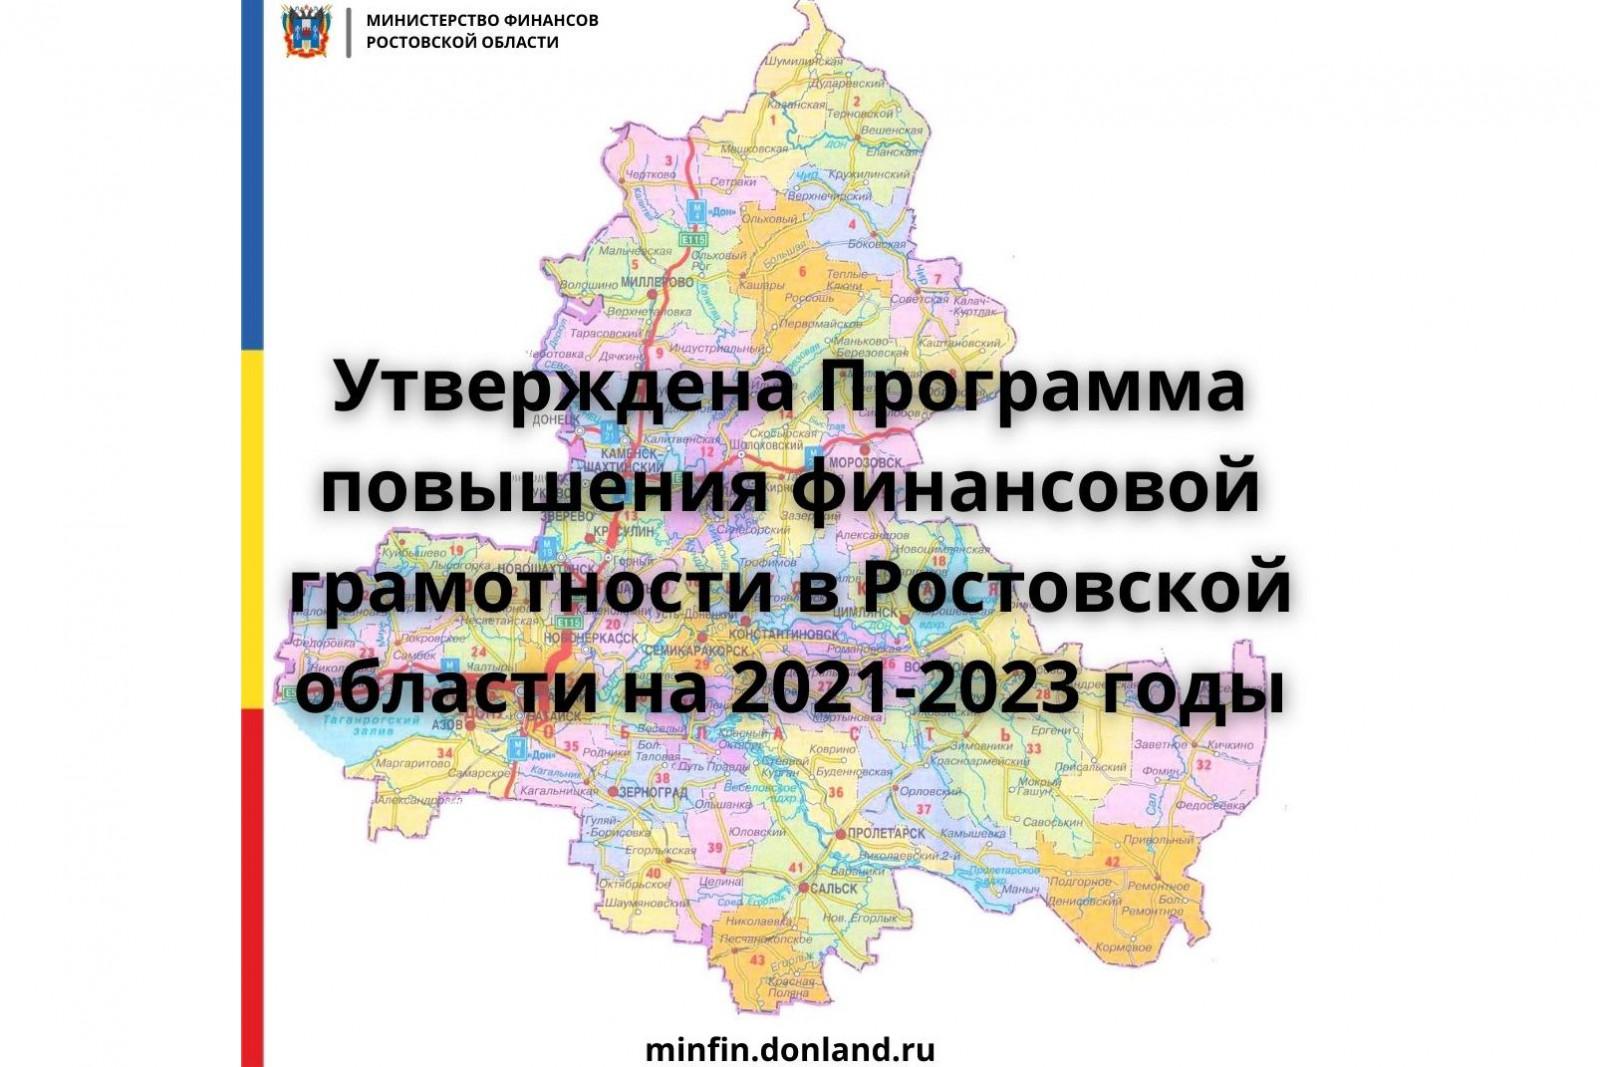 На Дону утвердили программу повышения финансовой грамотности